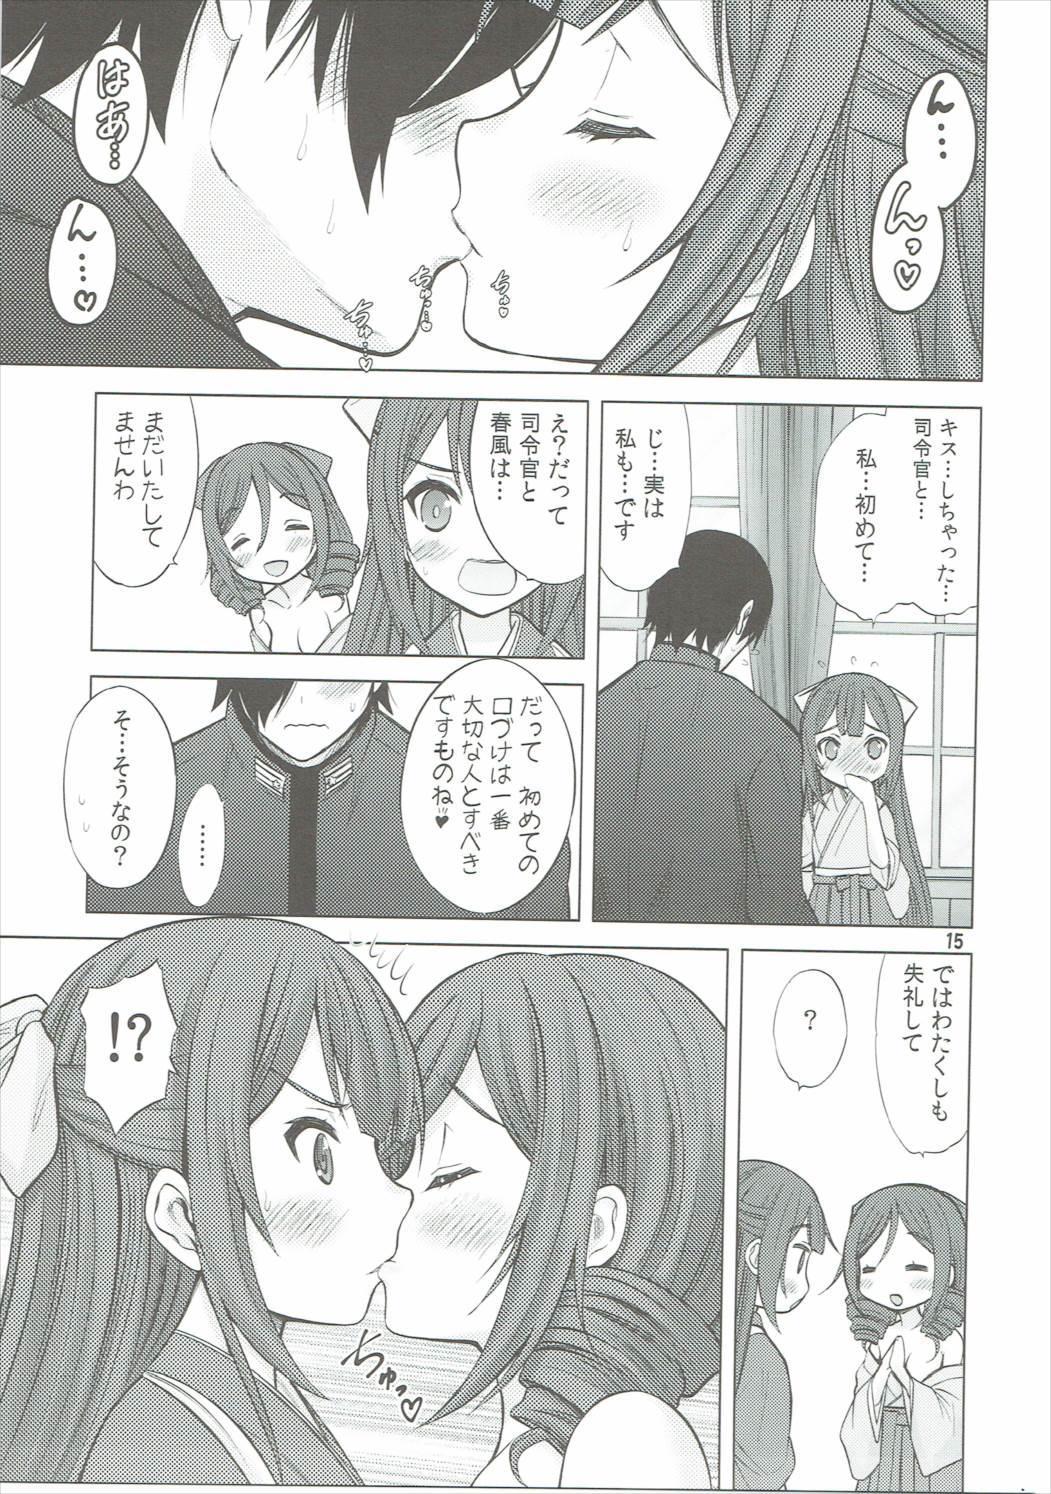 Kamikaze-gata Koufukuron 13